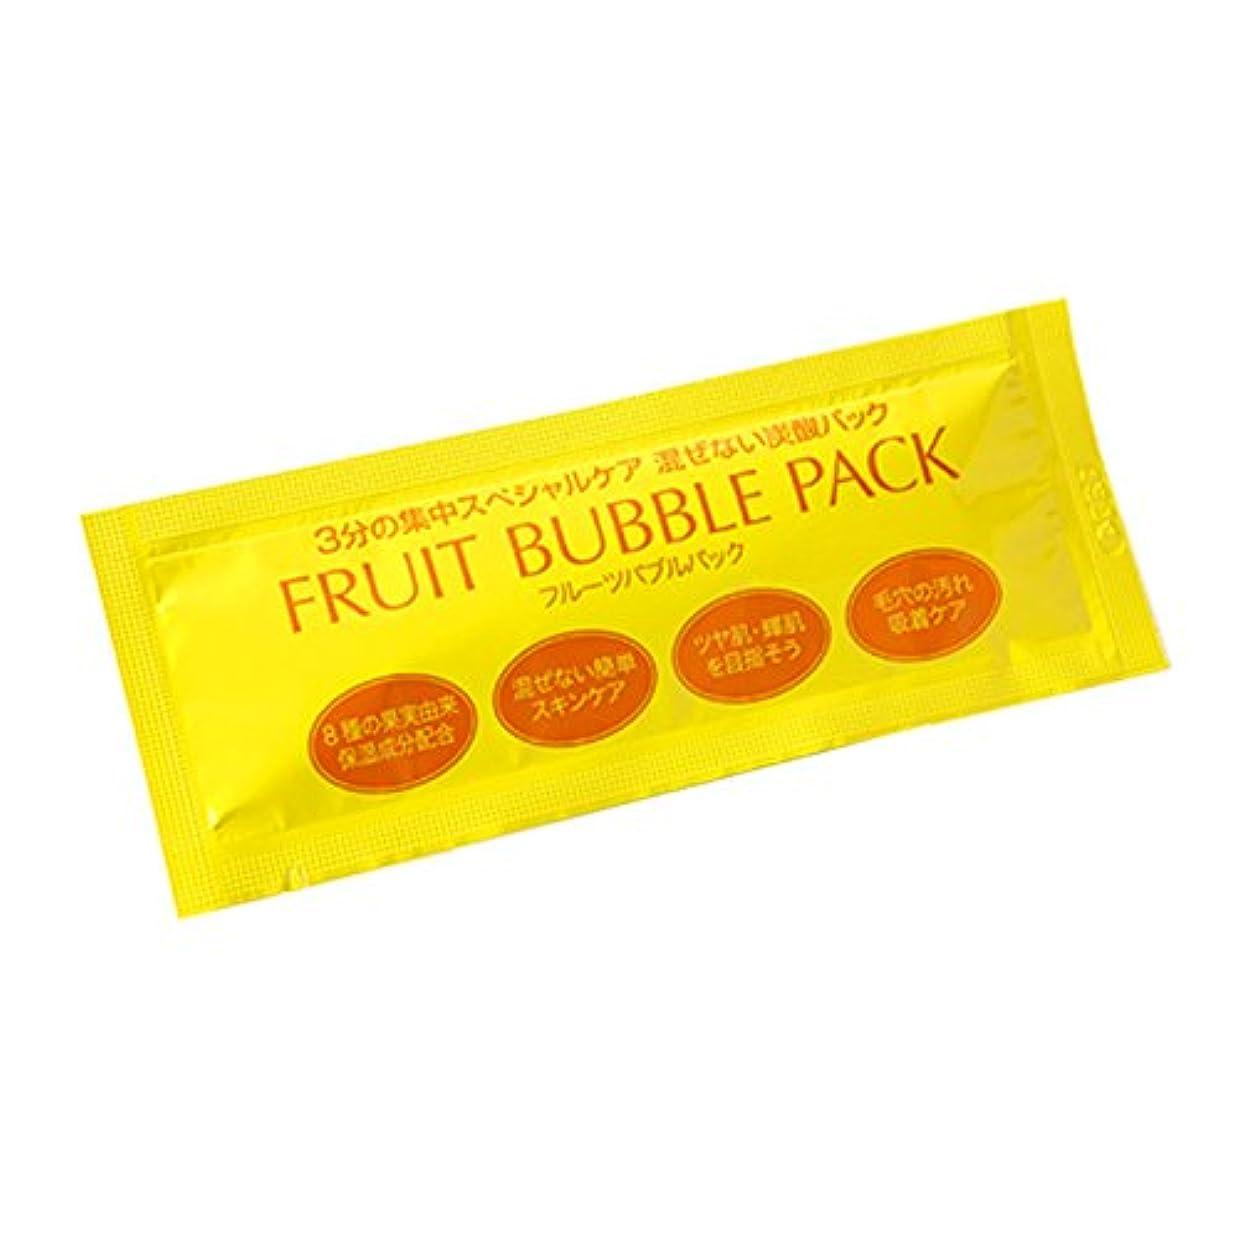 スクリーチみぞれ謎めいたフルーツ泡パック お試しパウチ1袋